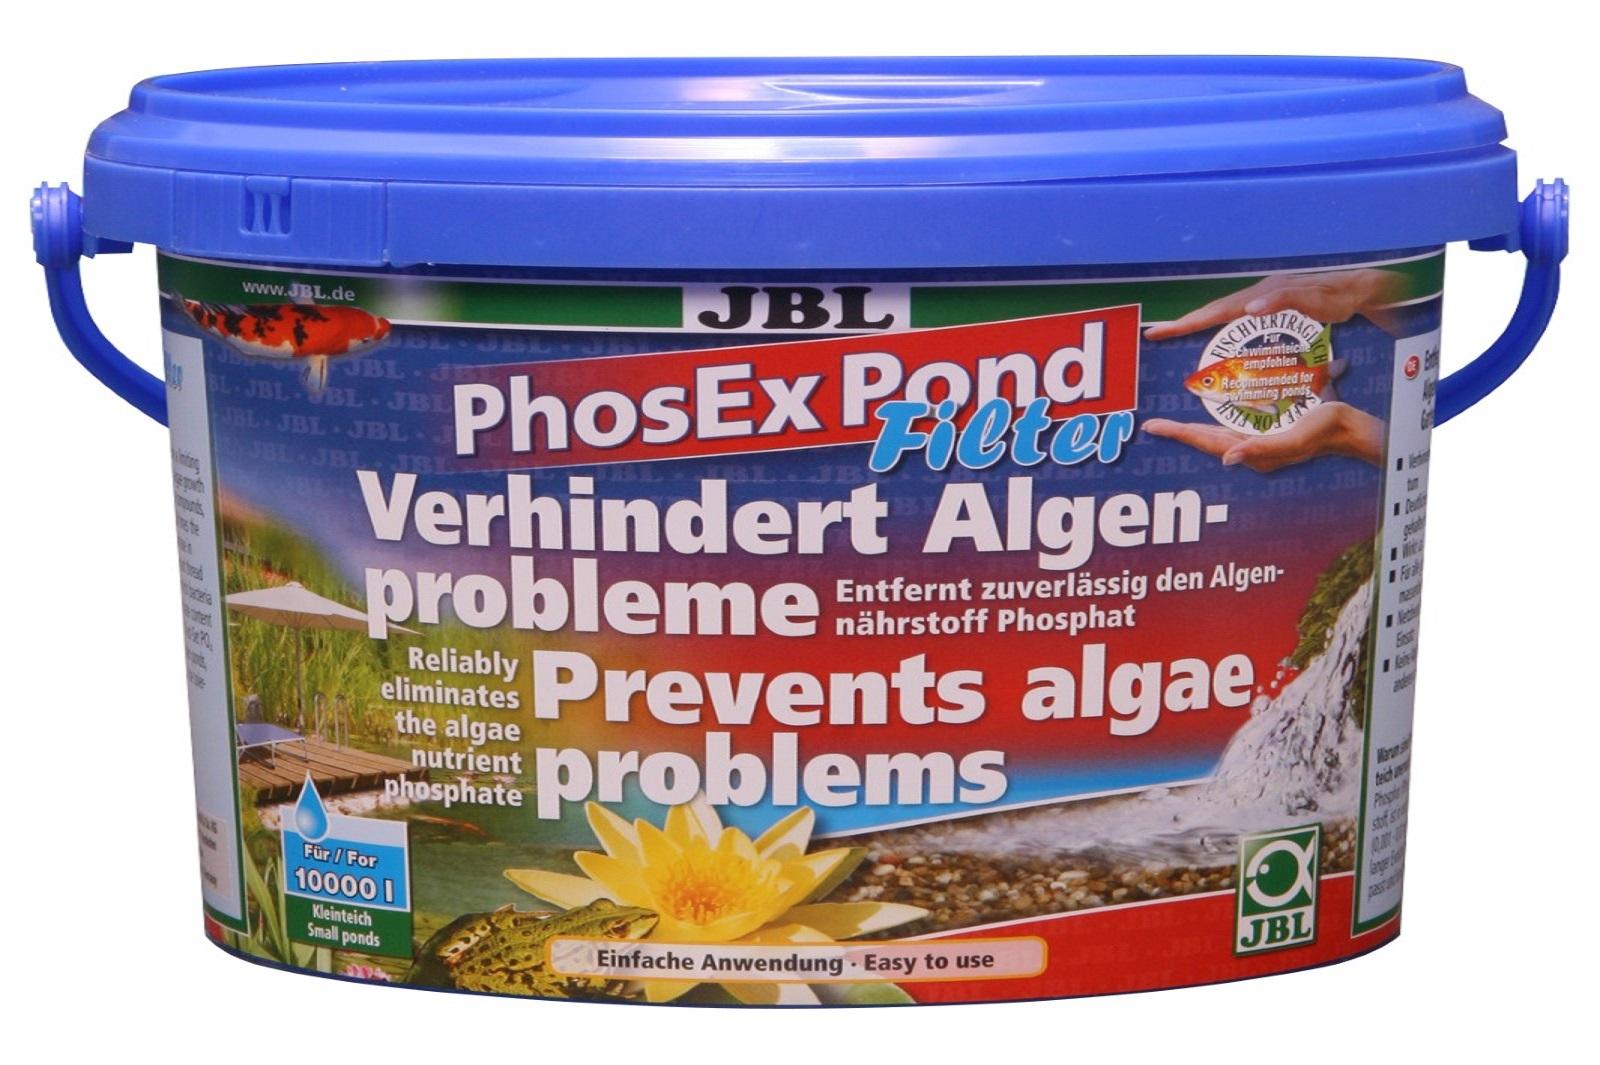 JBL PhosEX Pond  Filter 1 kg  Phosphatentferner f.Teichfilter Algenbeseitigung